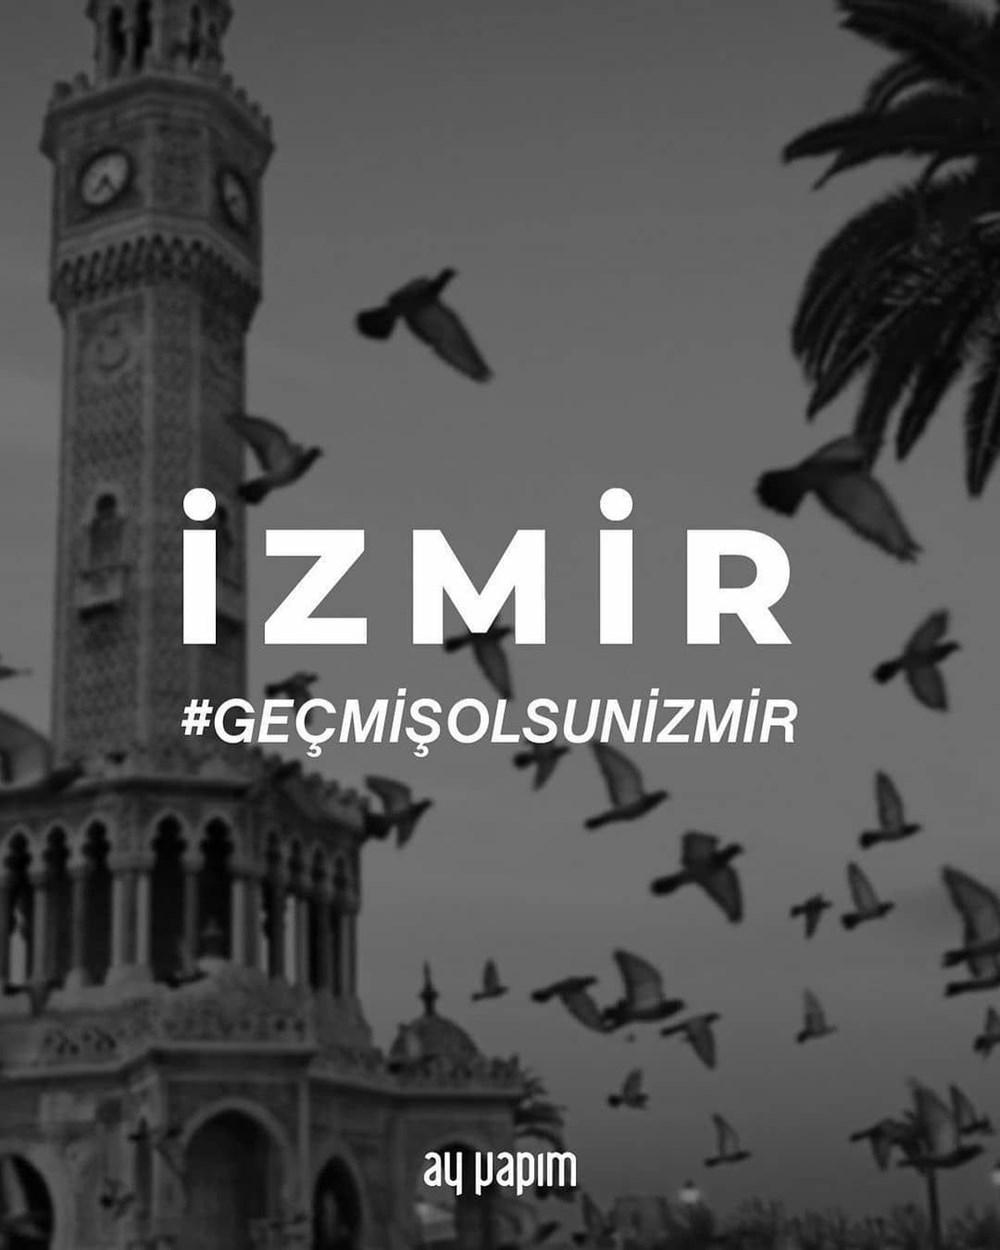 Ünlü isimlerden İzmir'e destek mesajları - 6